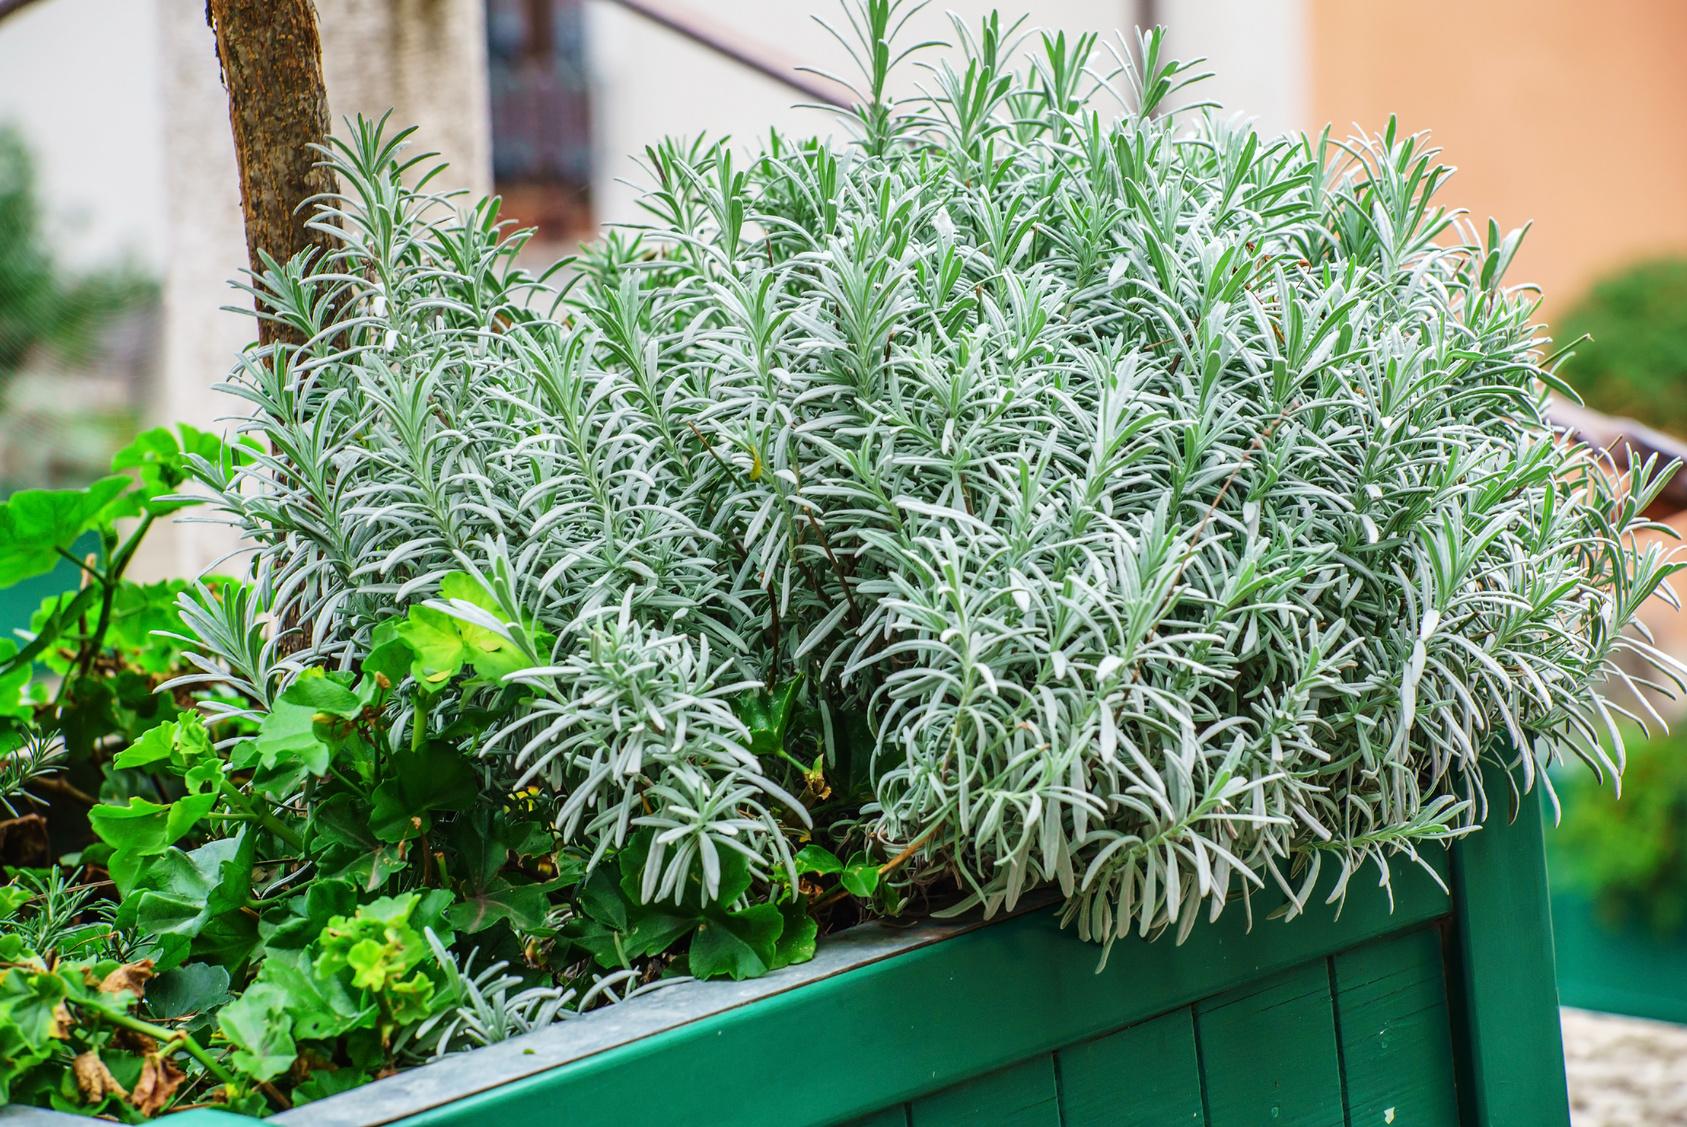 Le Piante Aromatiche : Le aromatiche più facili da coltivare